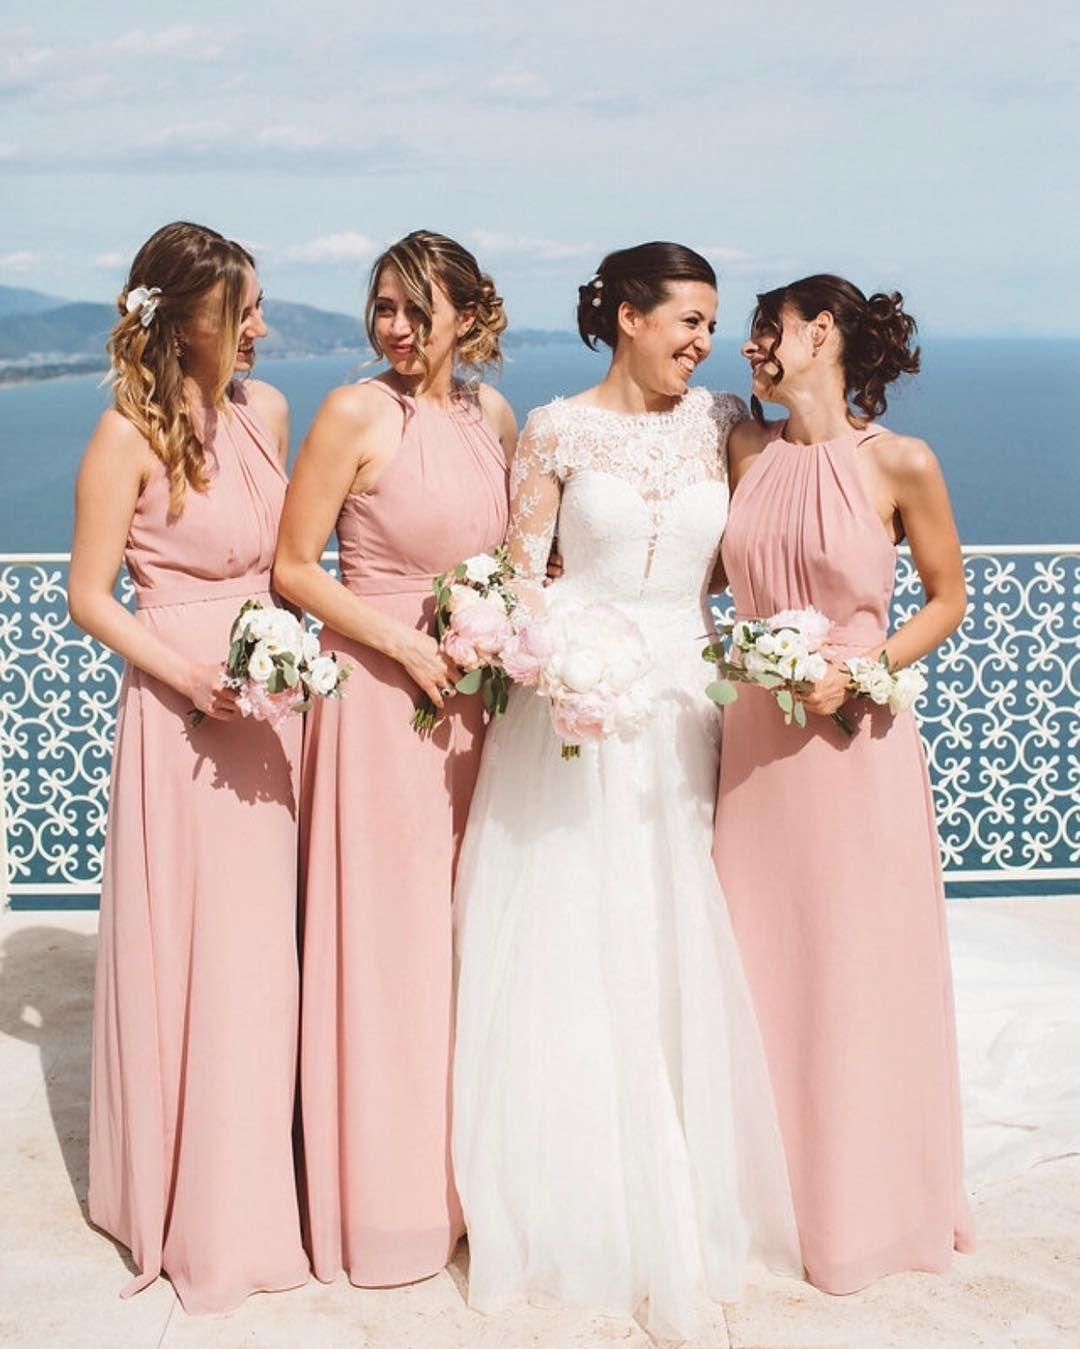 Großhandel Dusky Pink Chiffon Brautjungfer Kleider Für Sommer Hochzeiten  19 Günstige Neckholder Falten Lange Trauzeugin Kleider Boho BM19 Von